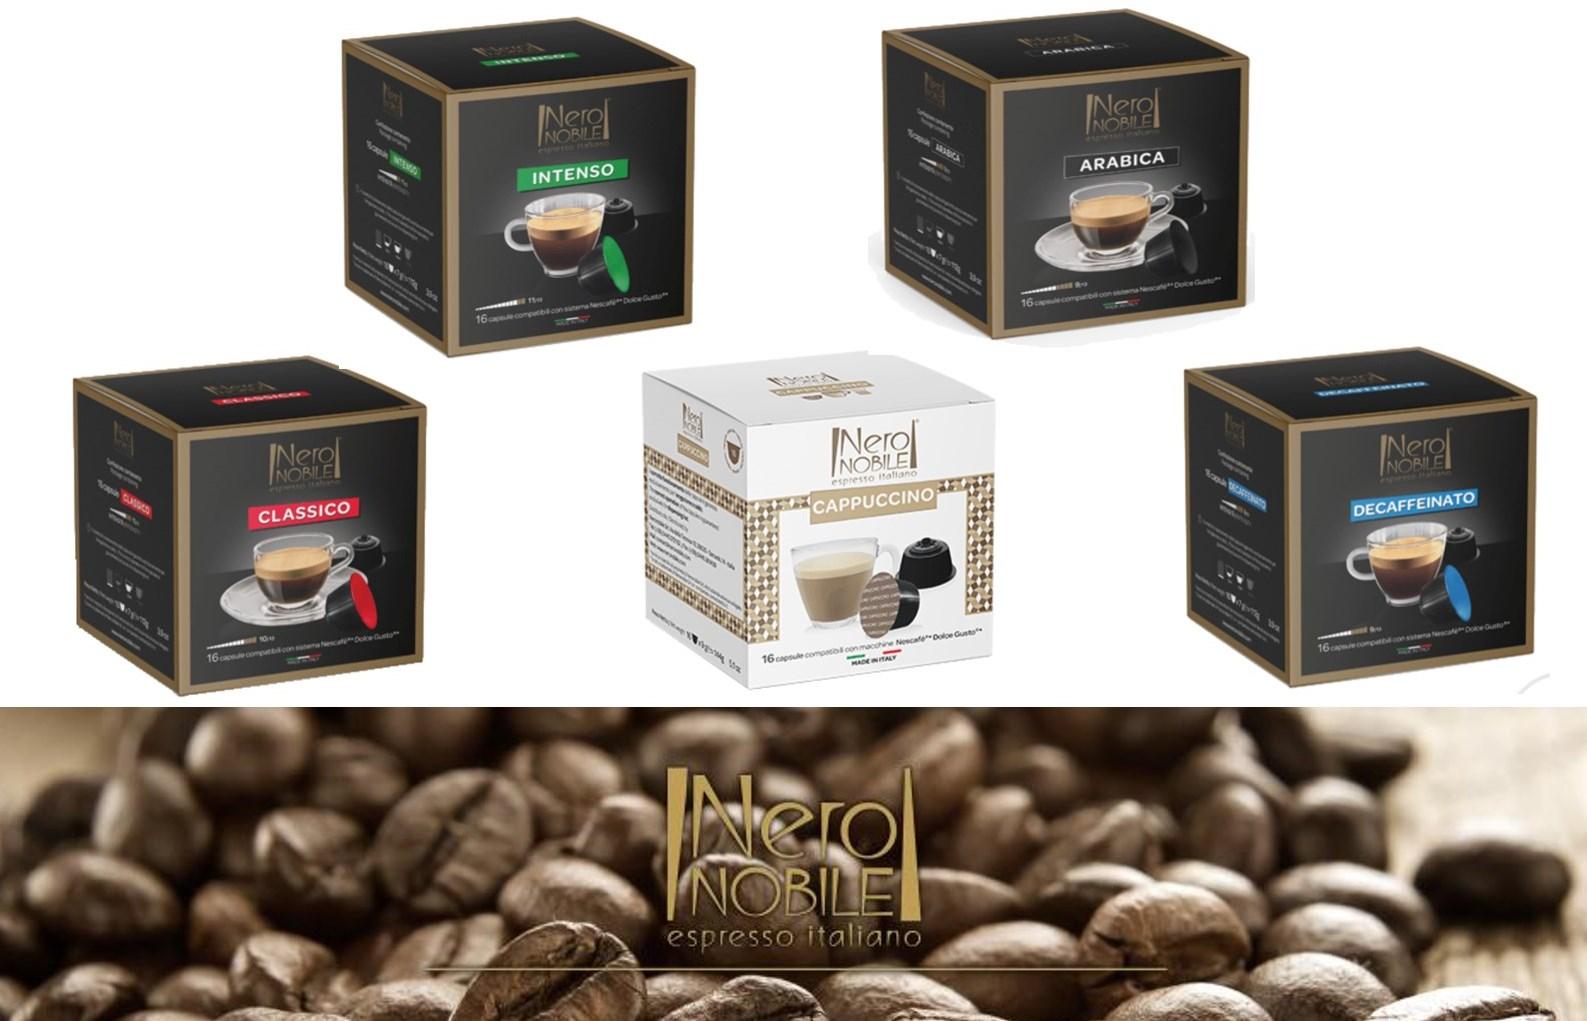 Ιταλικές Κάψουλες ΚΑΦΕ συμβατές με μηχανές DOLCE GUSTO: Η Καλύτερη τιμή της αγοράς (από 0,24€/κάψουλα)! Απολαύστε αρωματικό Ristretto ή Espresso ή Lungo, από τη NeroNobile, την ηγέτιδα εταιρία στην Ιταλική βιομηχανία καφέ!